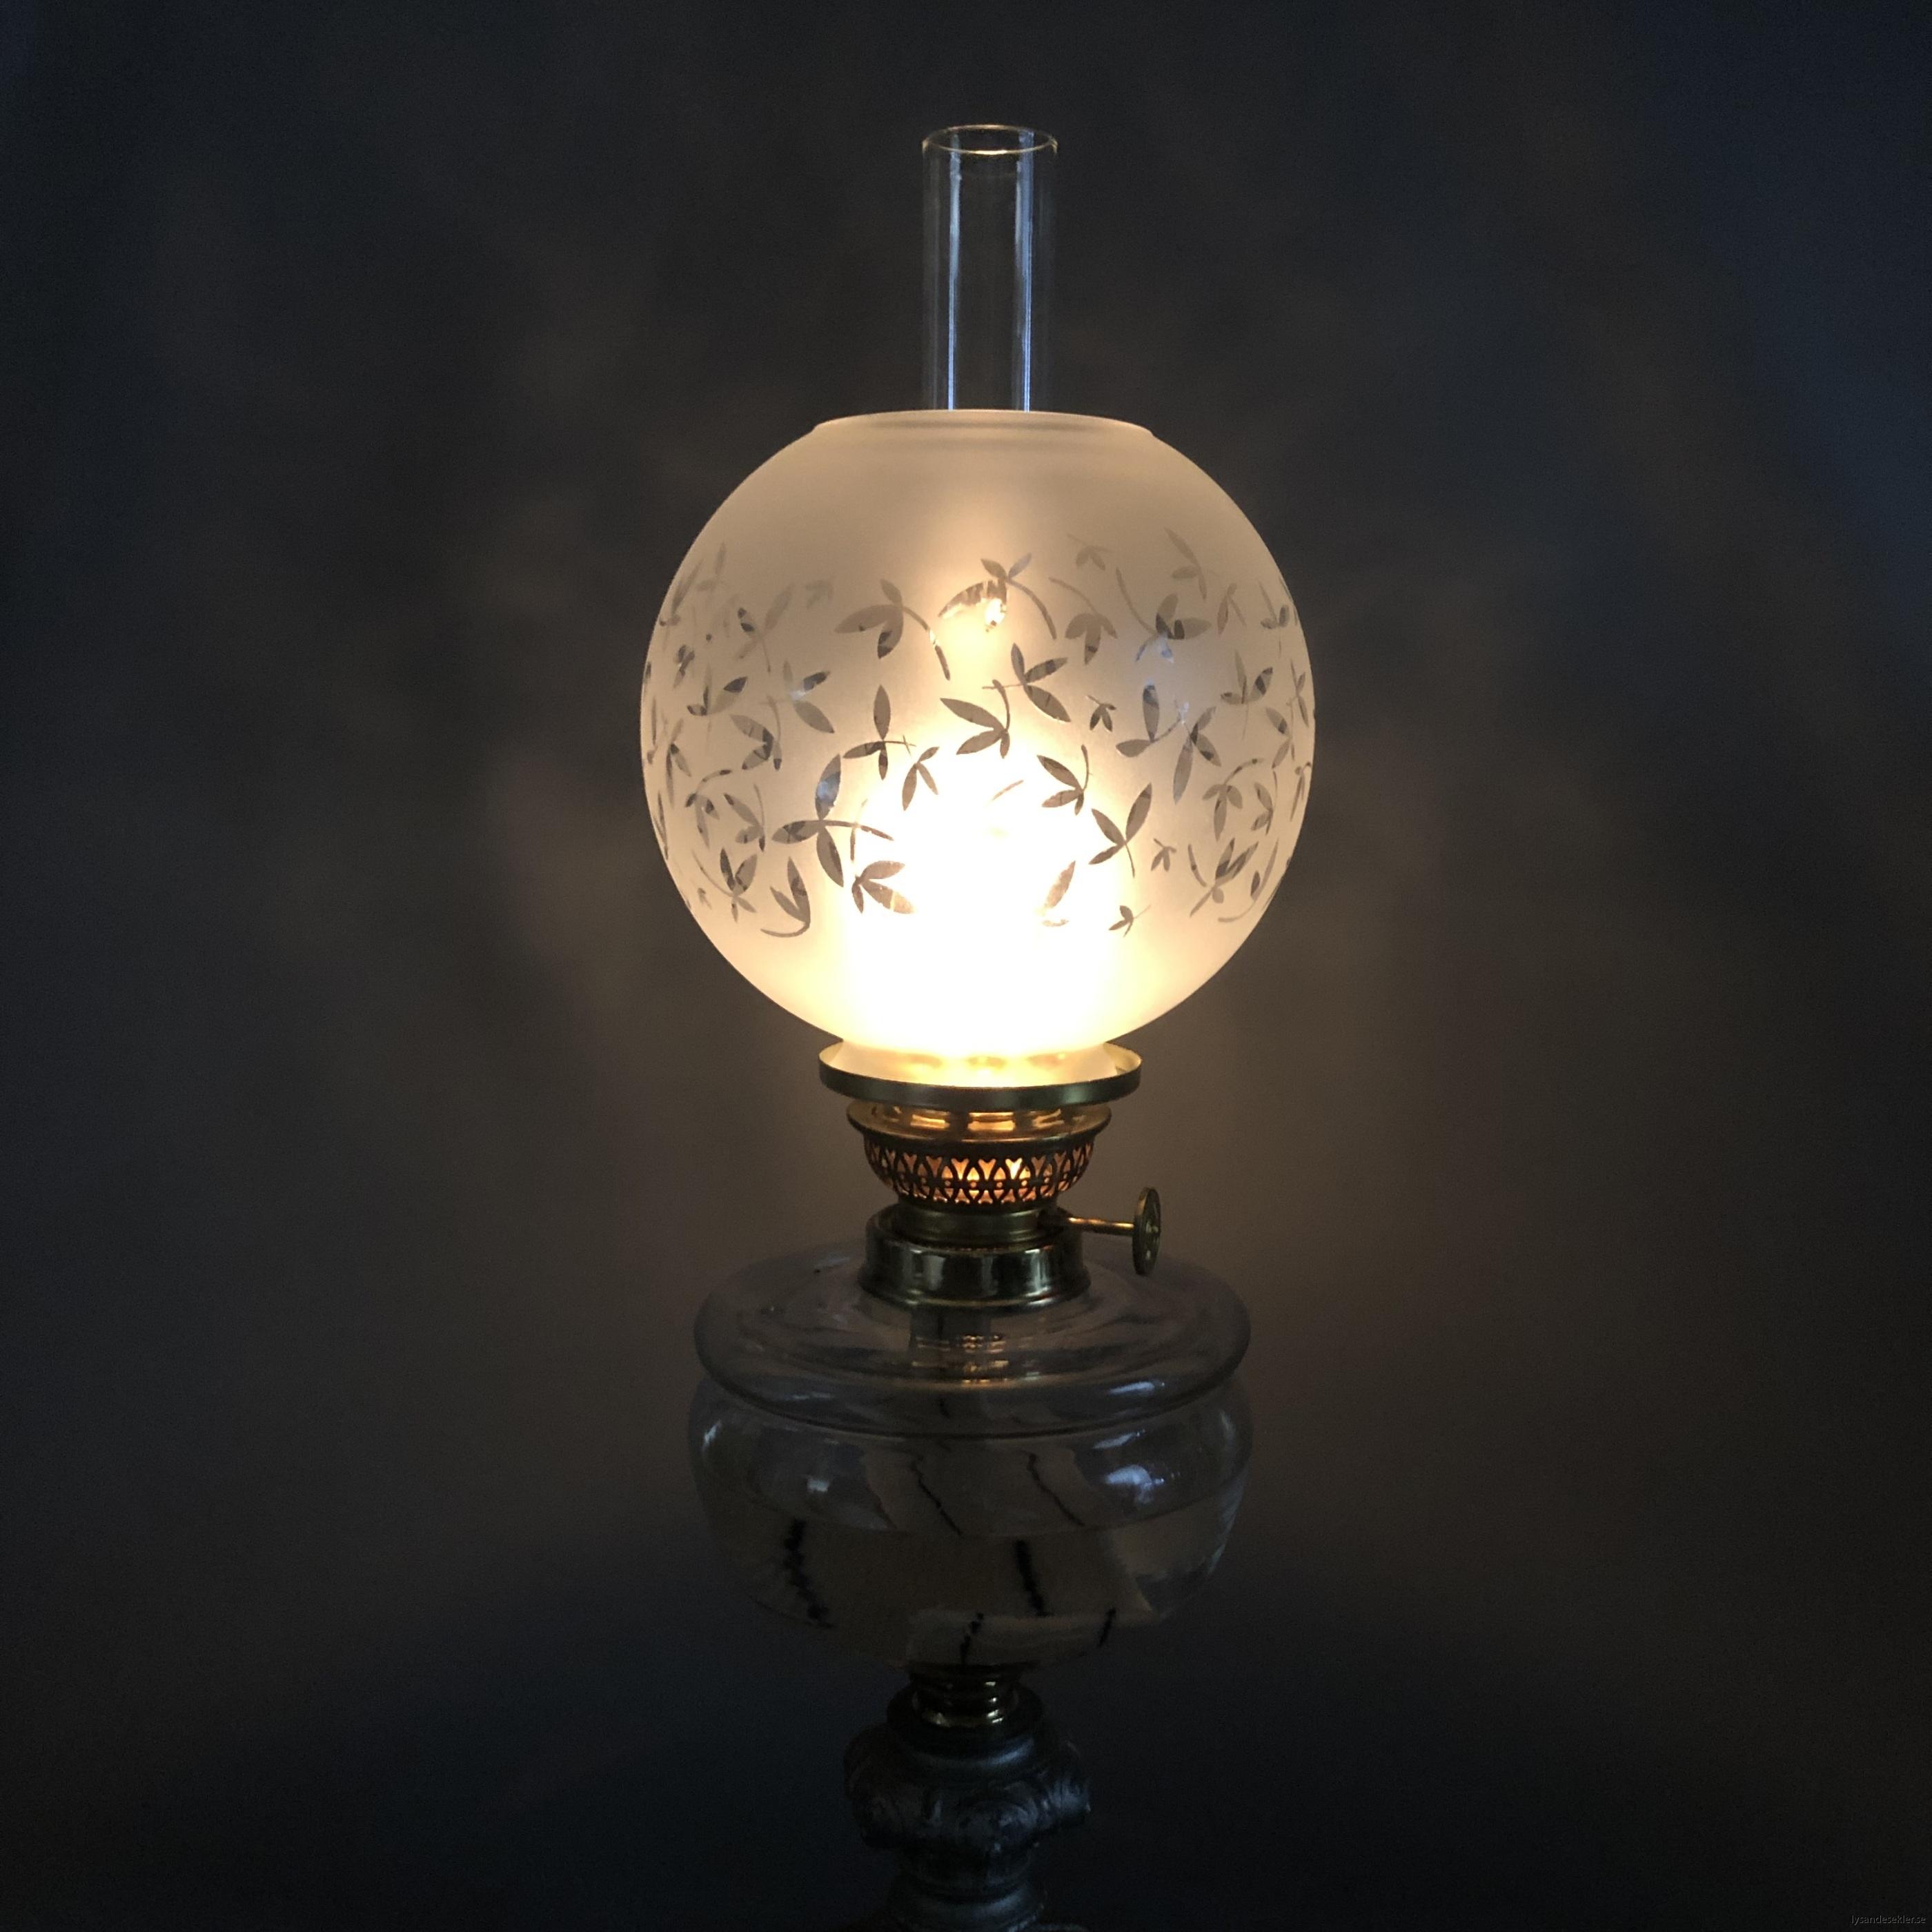 klotkupa liten frostad ornamenterad med blad9